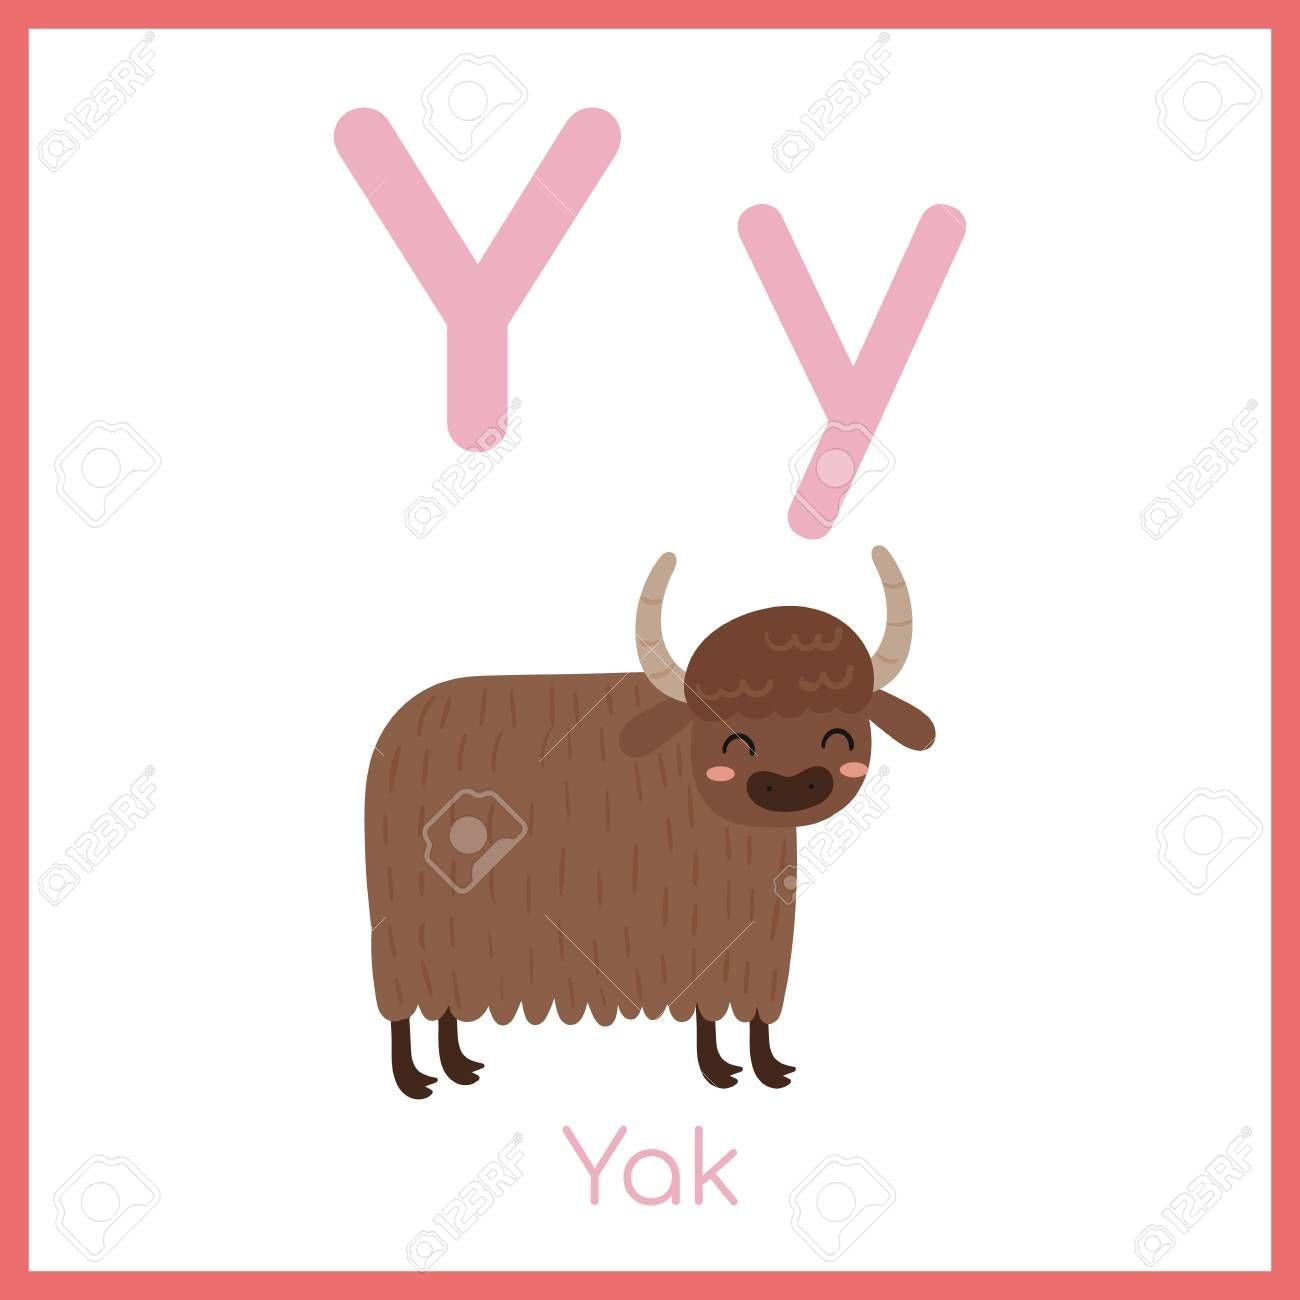 Cute Animal Alphabet Y Letter Cute Yak Illustration